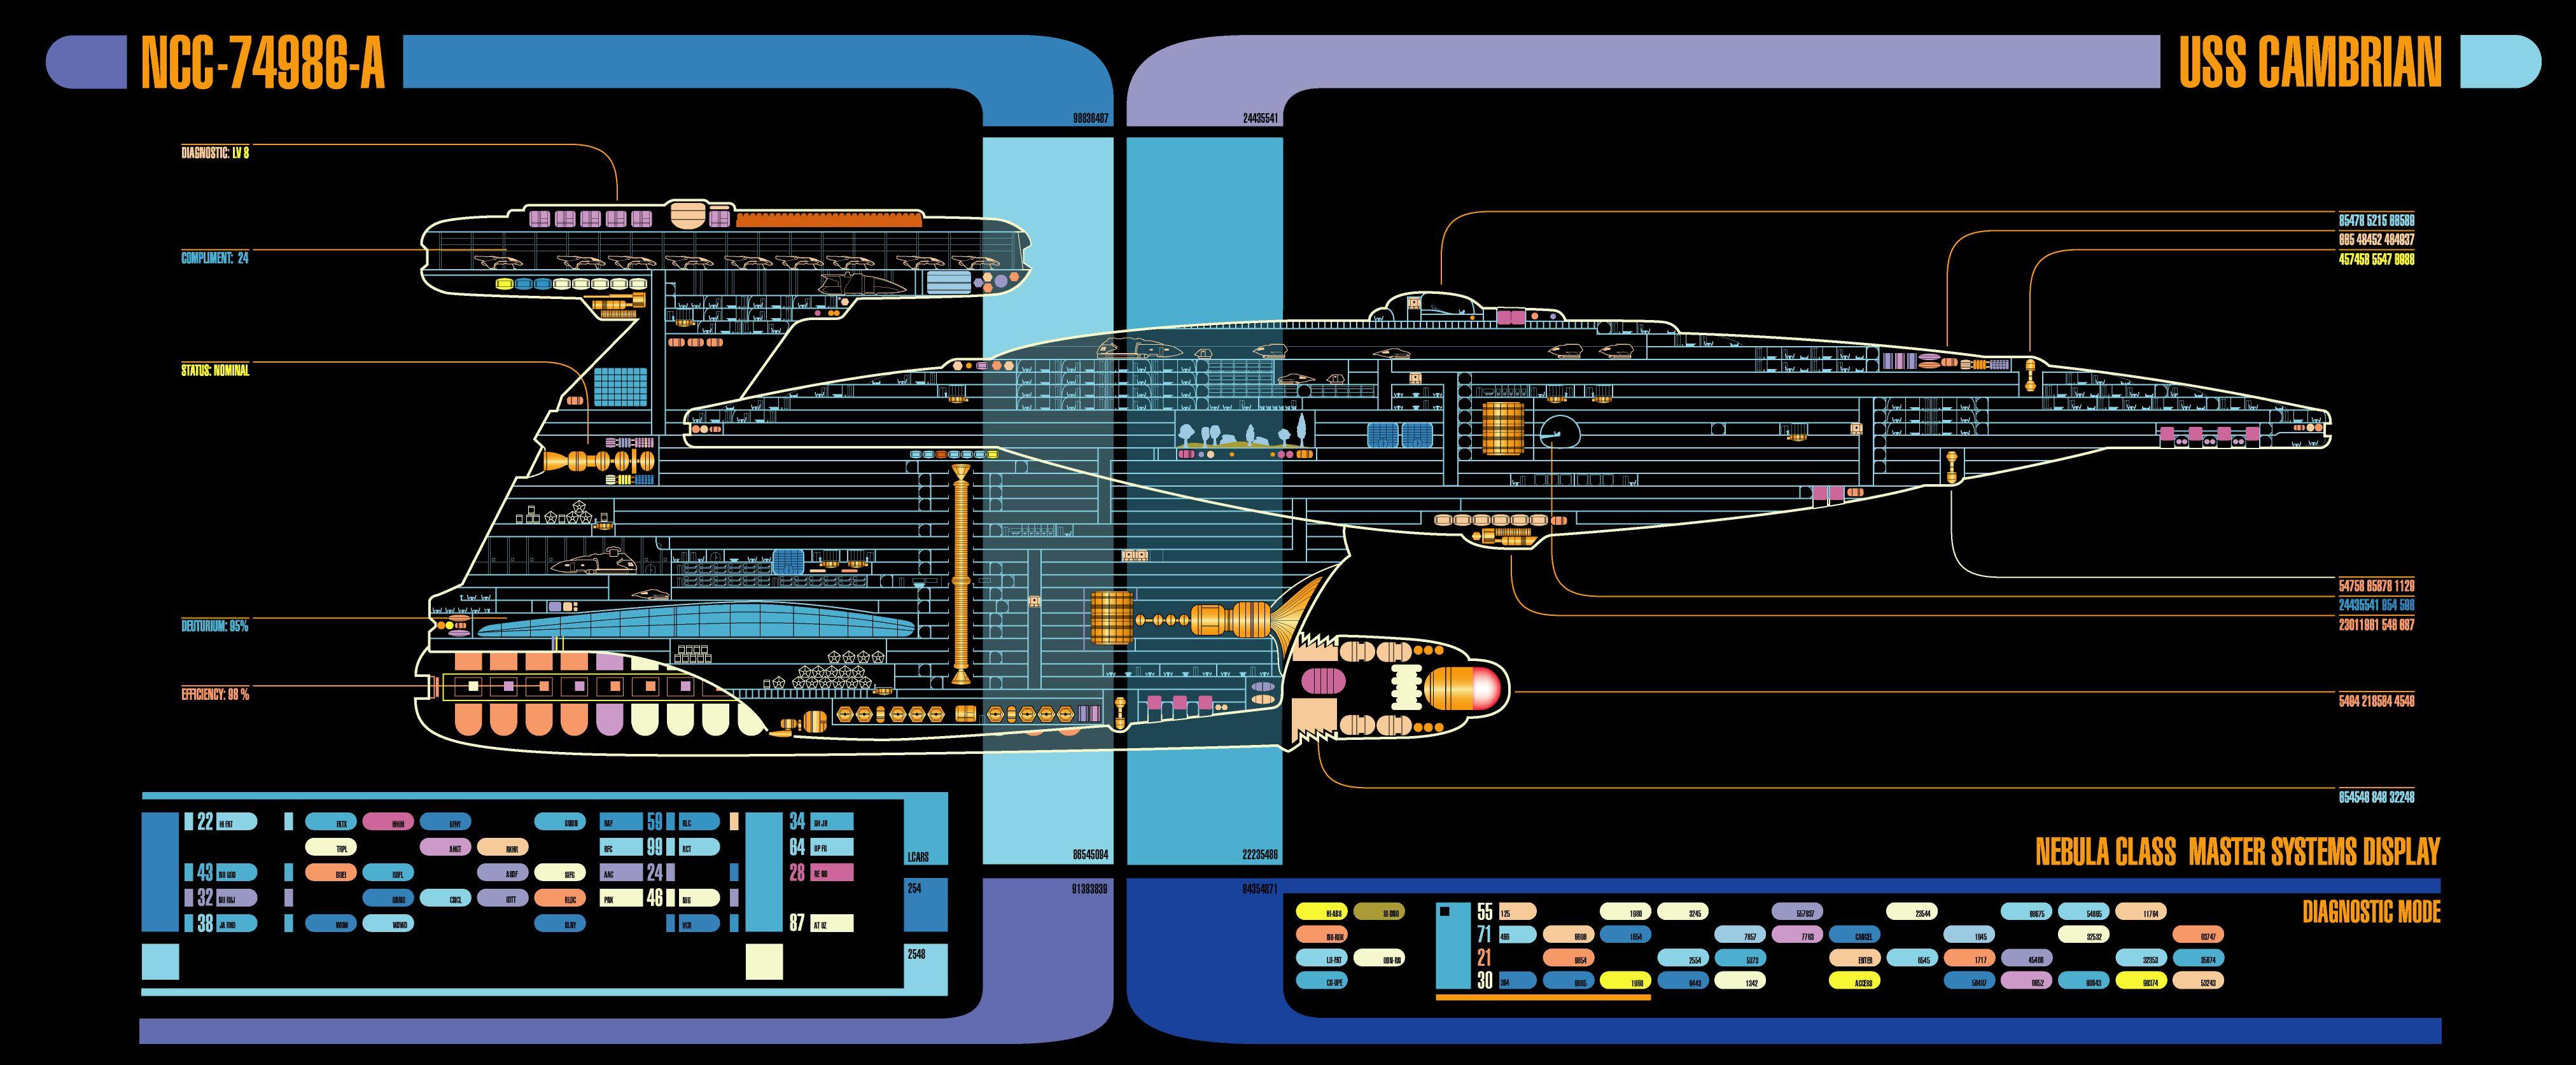 Images of Nebula Cl Starship Schematics - #SpaceHero on train schematics, macross sdf-1 schematics, cylon fighter schematics, mecha schematics, starbase schematics, space schematics,